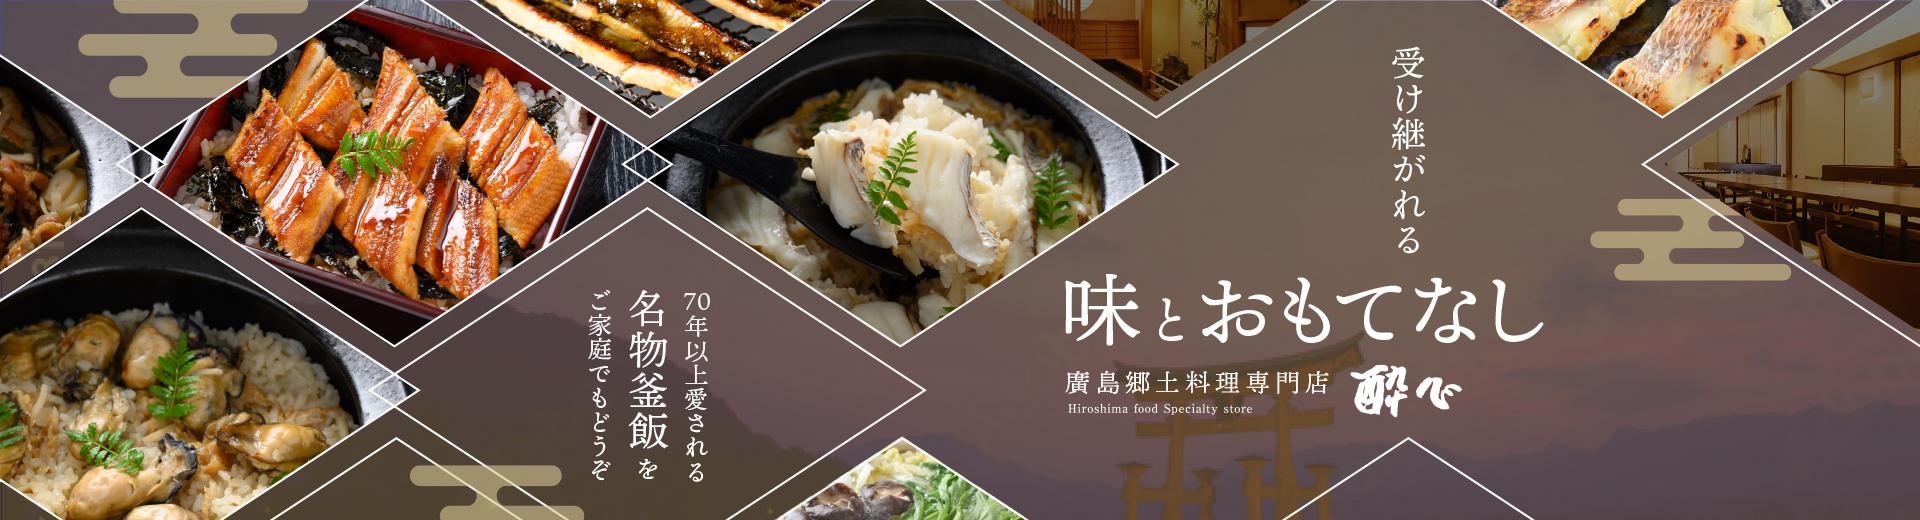 味とおもてなし 廣島郷土料理専門店酔心